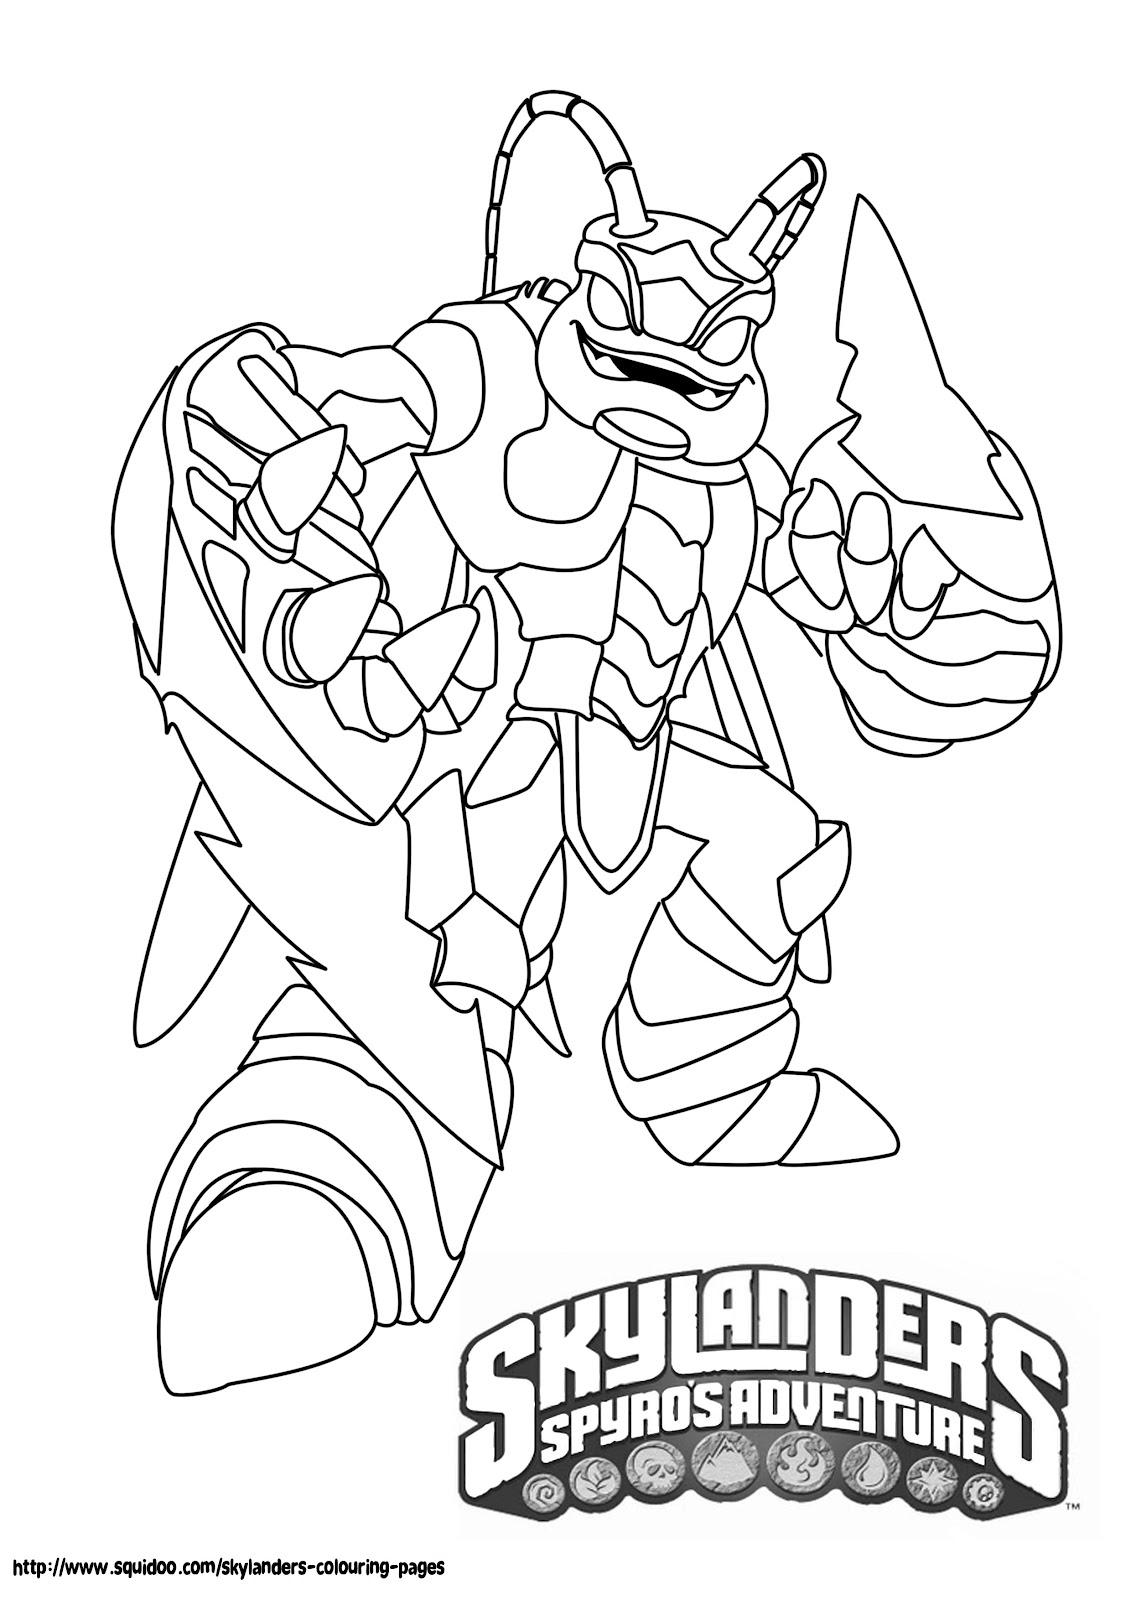 Dessins Gratuits À Colorier - Coloriage Skylanders À Imprimer encequiconcerne Dessin De Skylanders